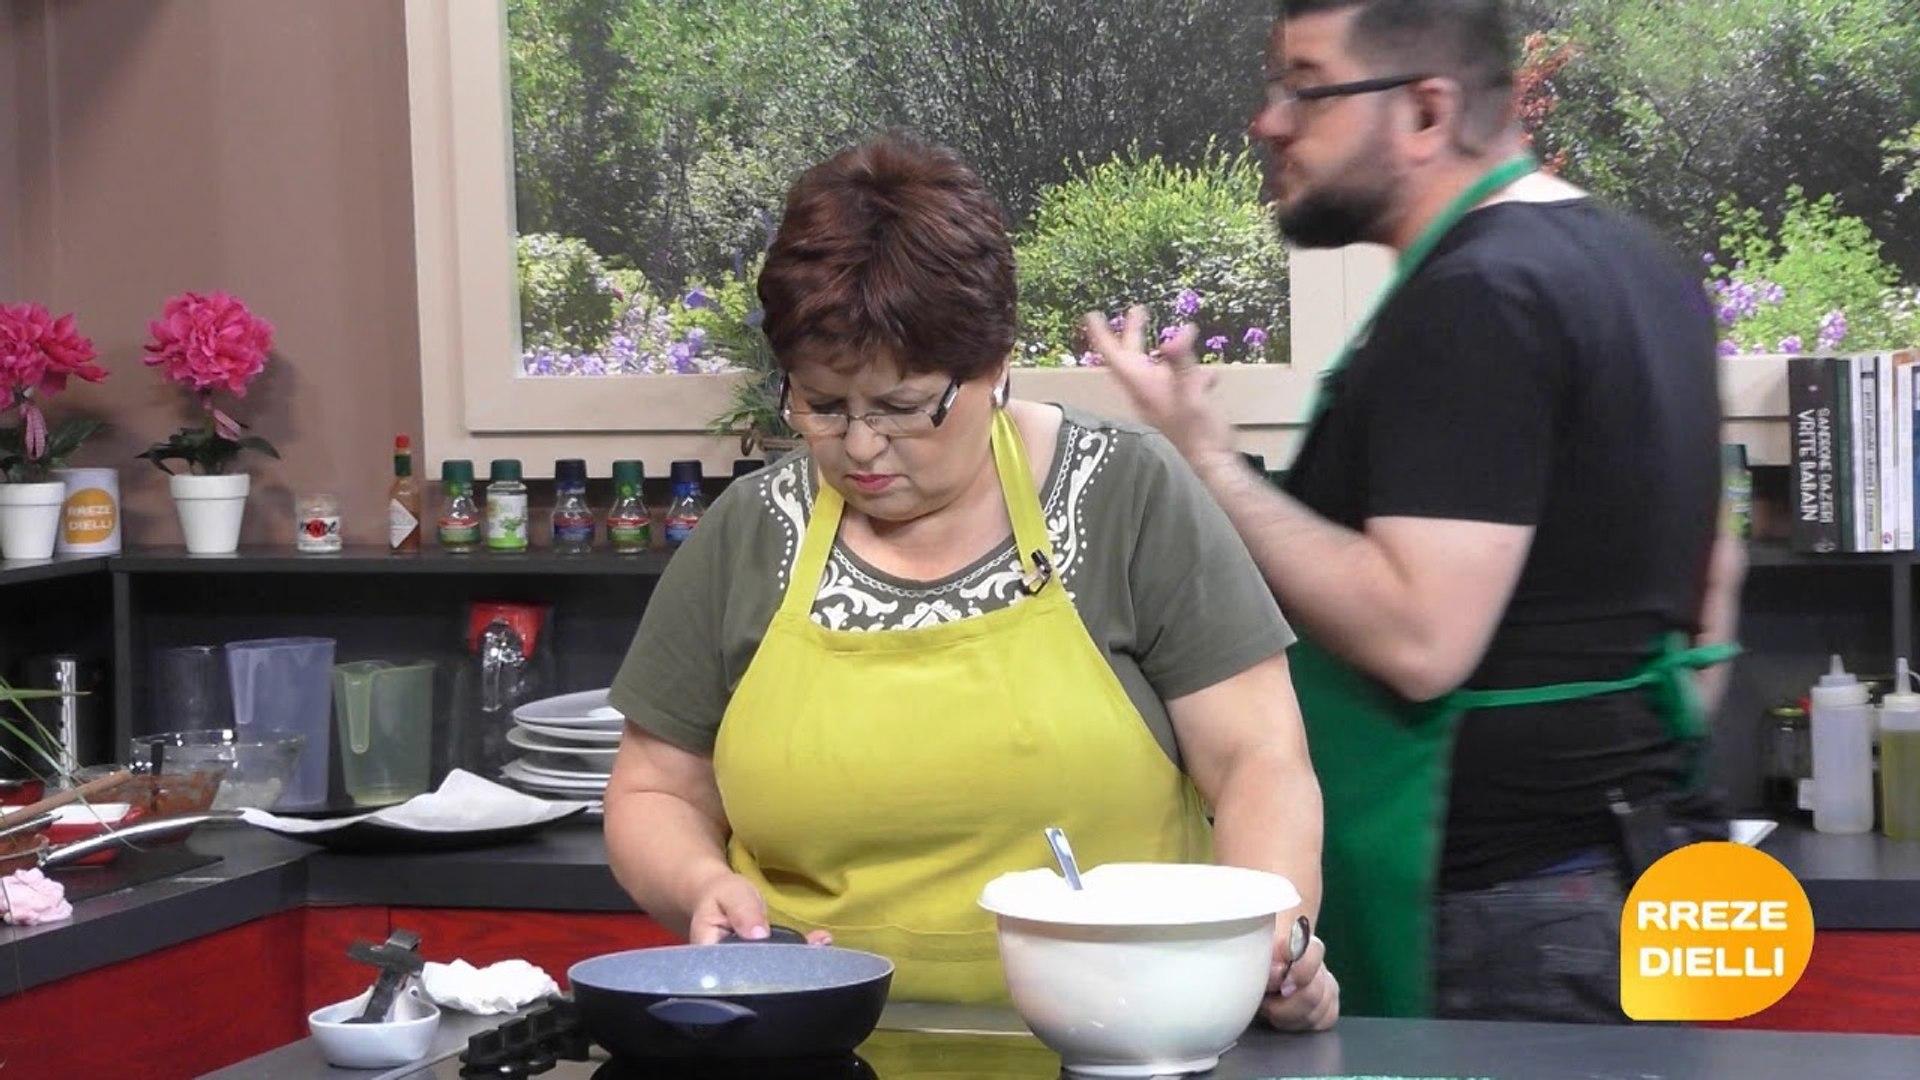 Te gatuajme me Zonjen Vjollca PJ2 Patllixhane te mbushur me gjize ne furre, Petulla me kos per mengj